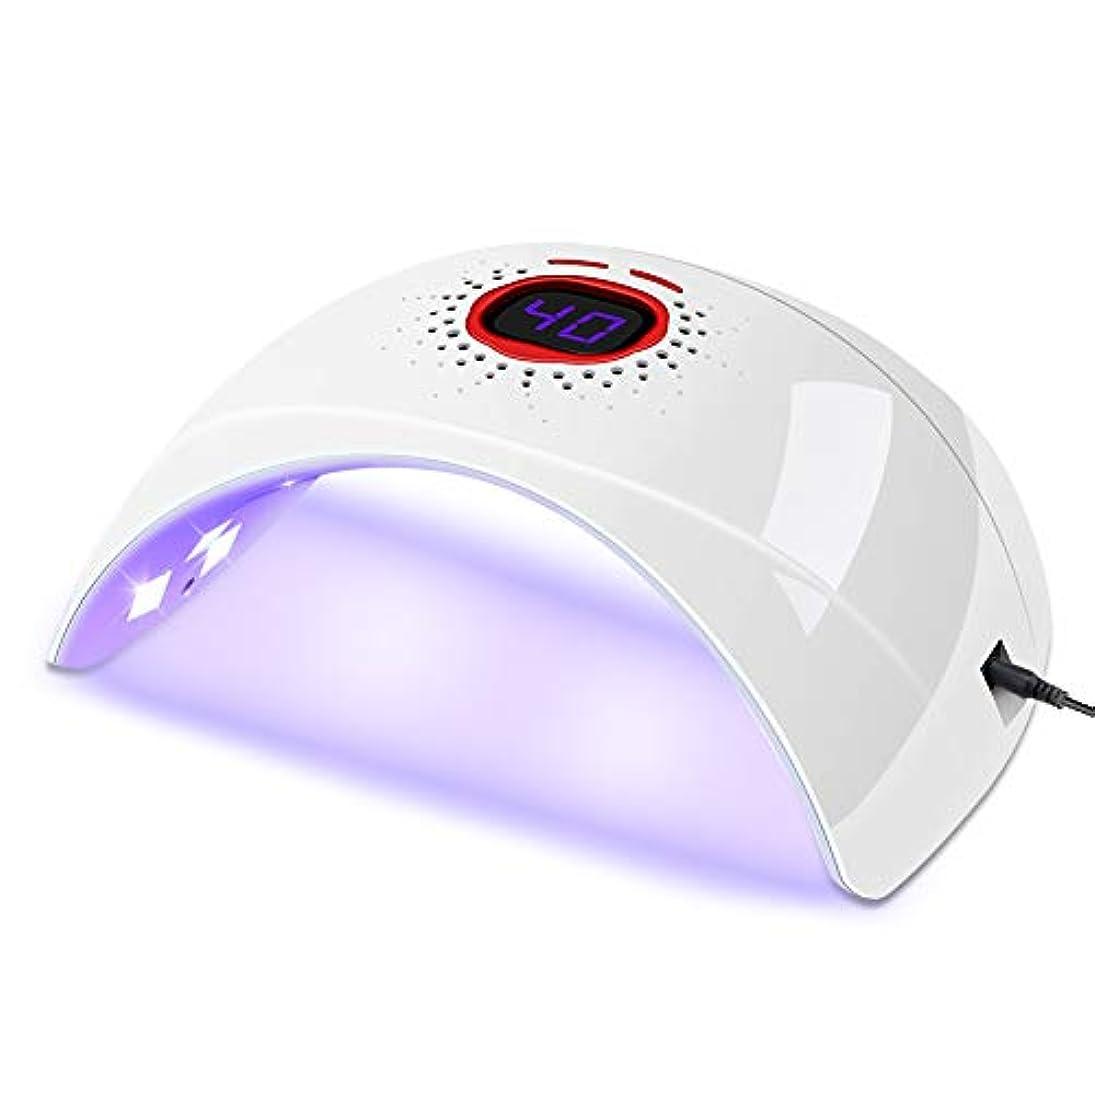 電話する植生セレナSULET UVライト ネイルドライヤー 硬化用UVライト 赤外線検知 180° 速乾UV 30s/60sタイマー表示 プロ向き 初心者適用 高速硬化 日本語説明書付き(白)